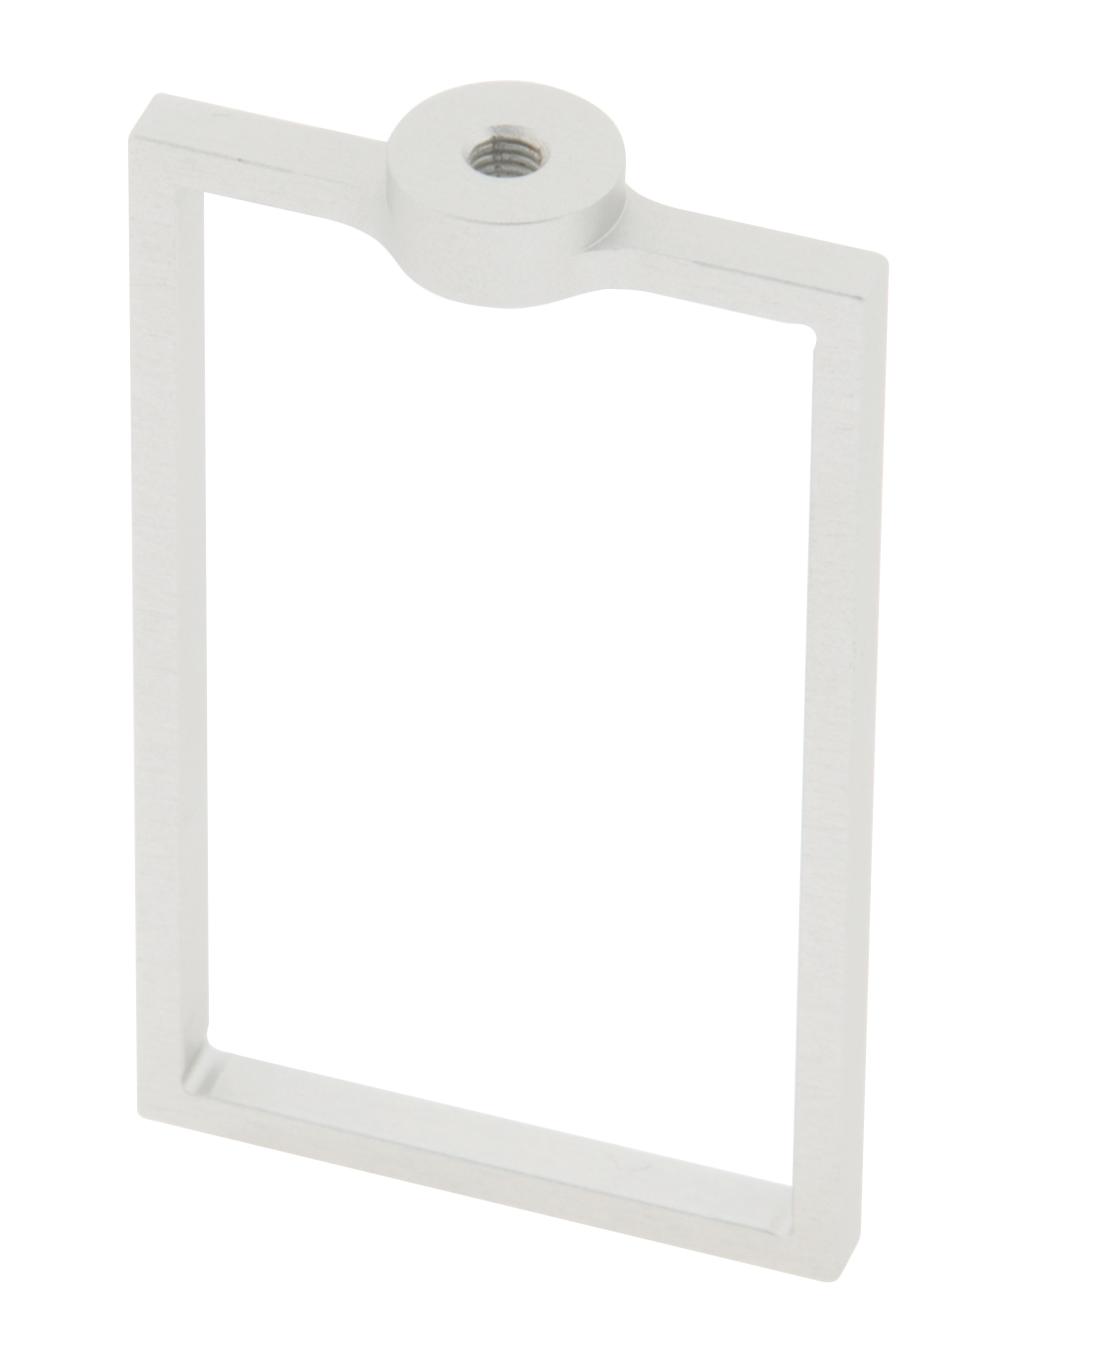 1 Stk TBH Profilhalter eckig vertikal für Seilabhänger LIPZ009003